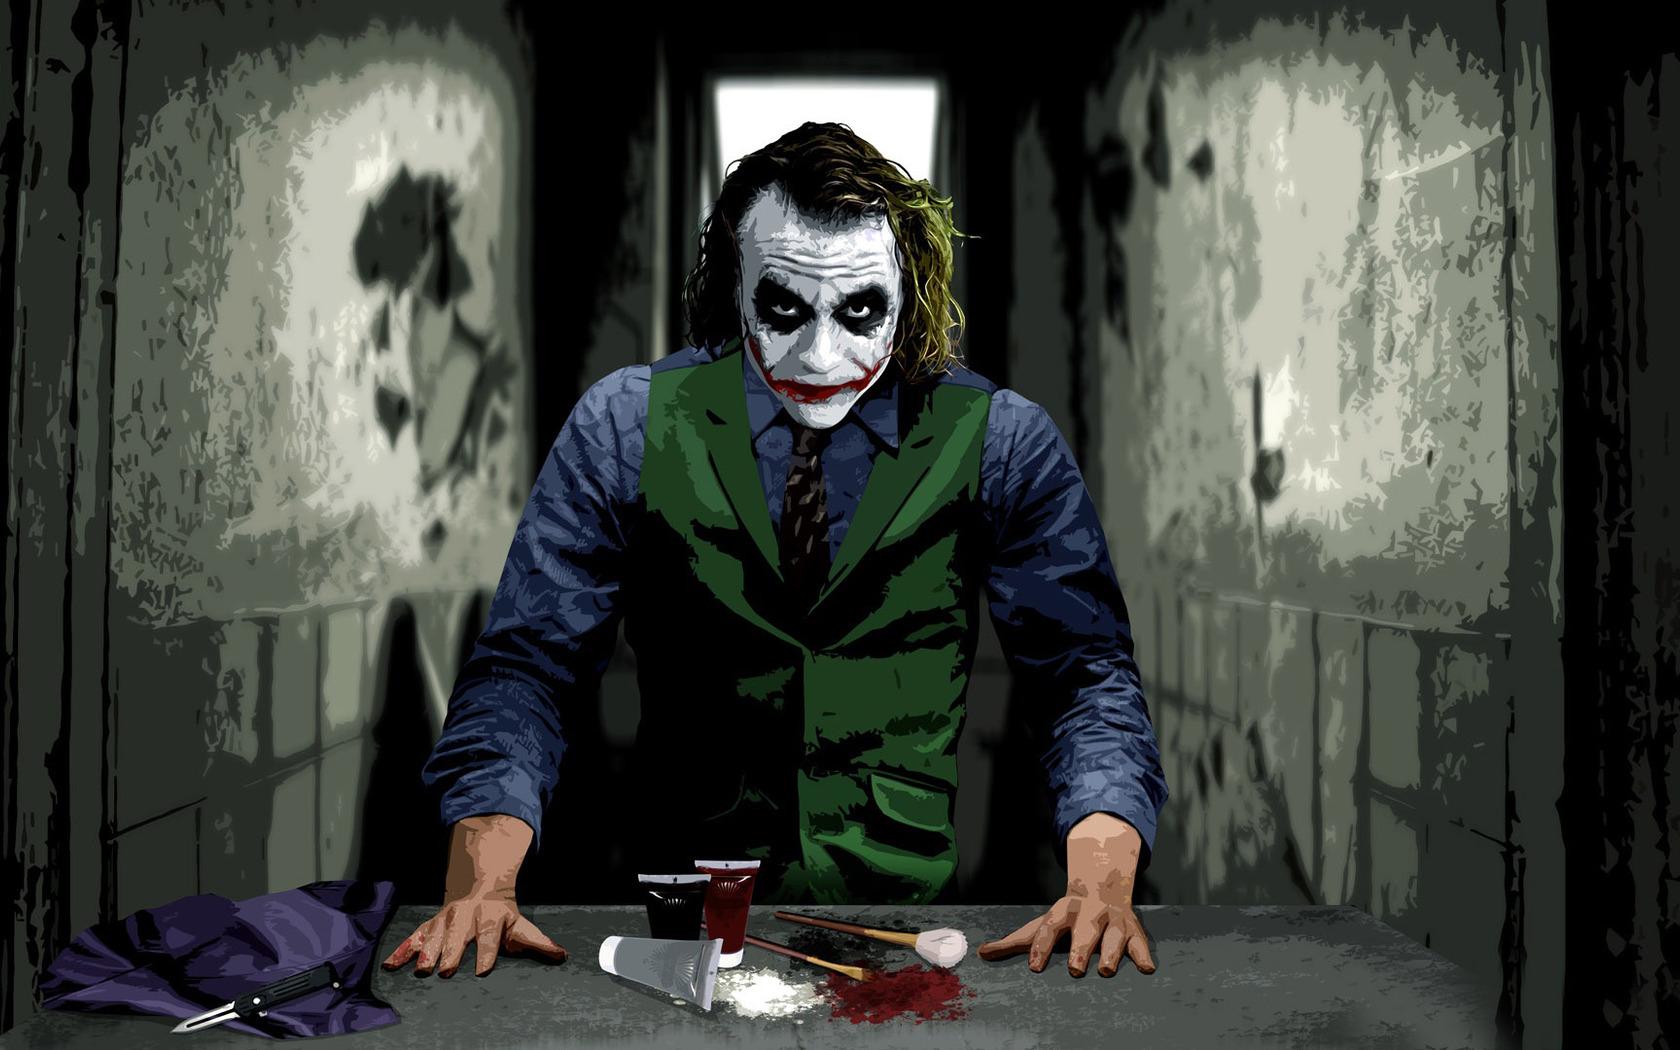 Joker  Batman wallpaper 11289 1680x1050